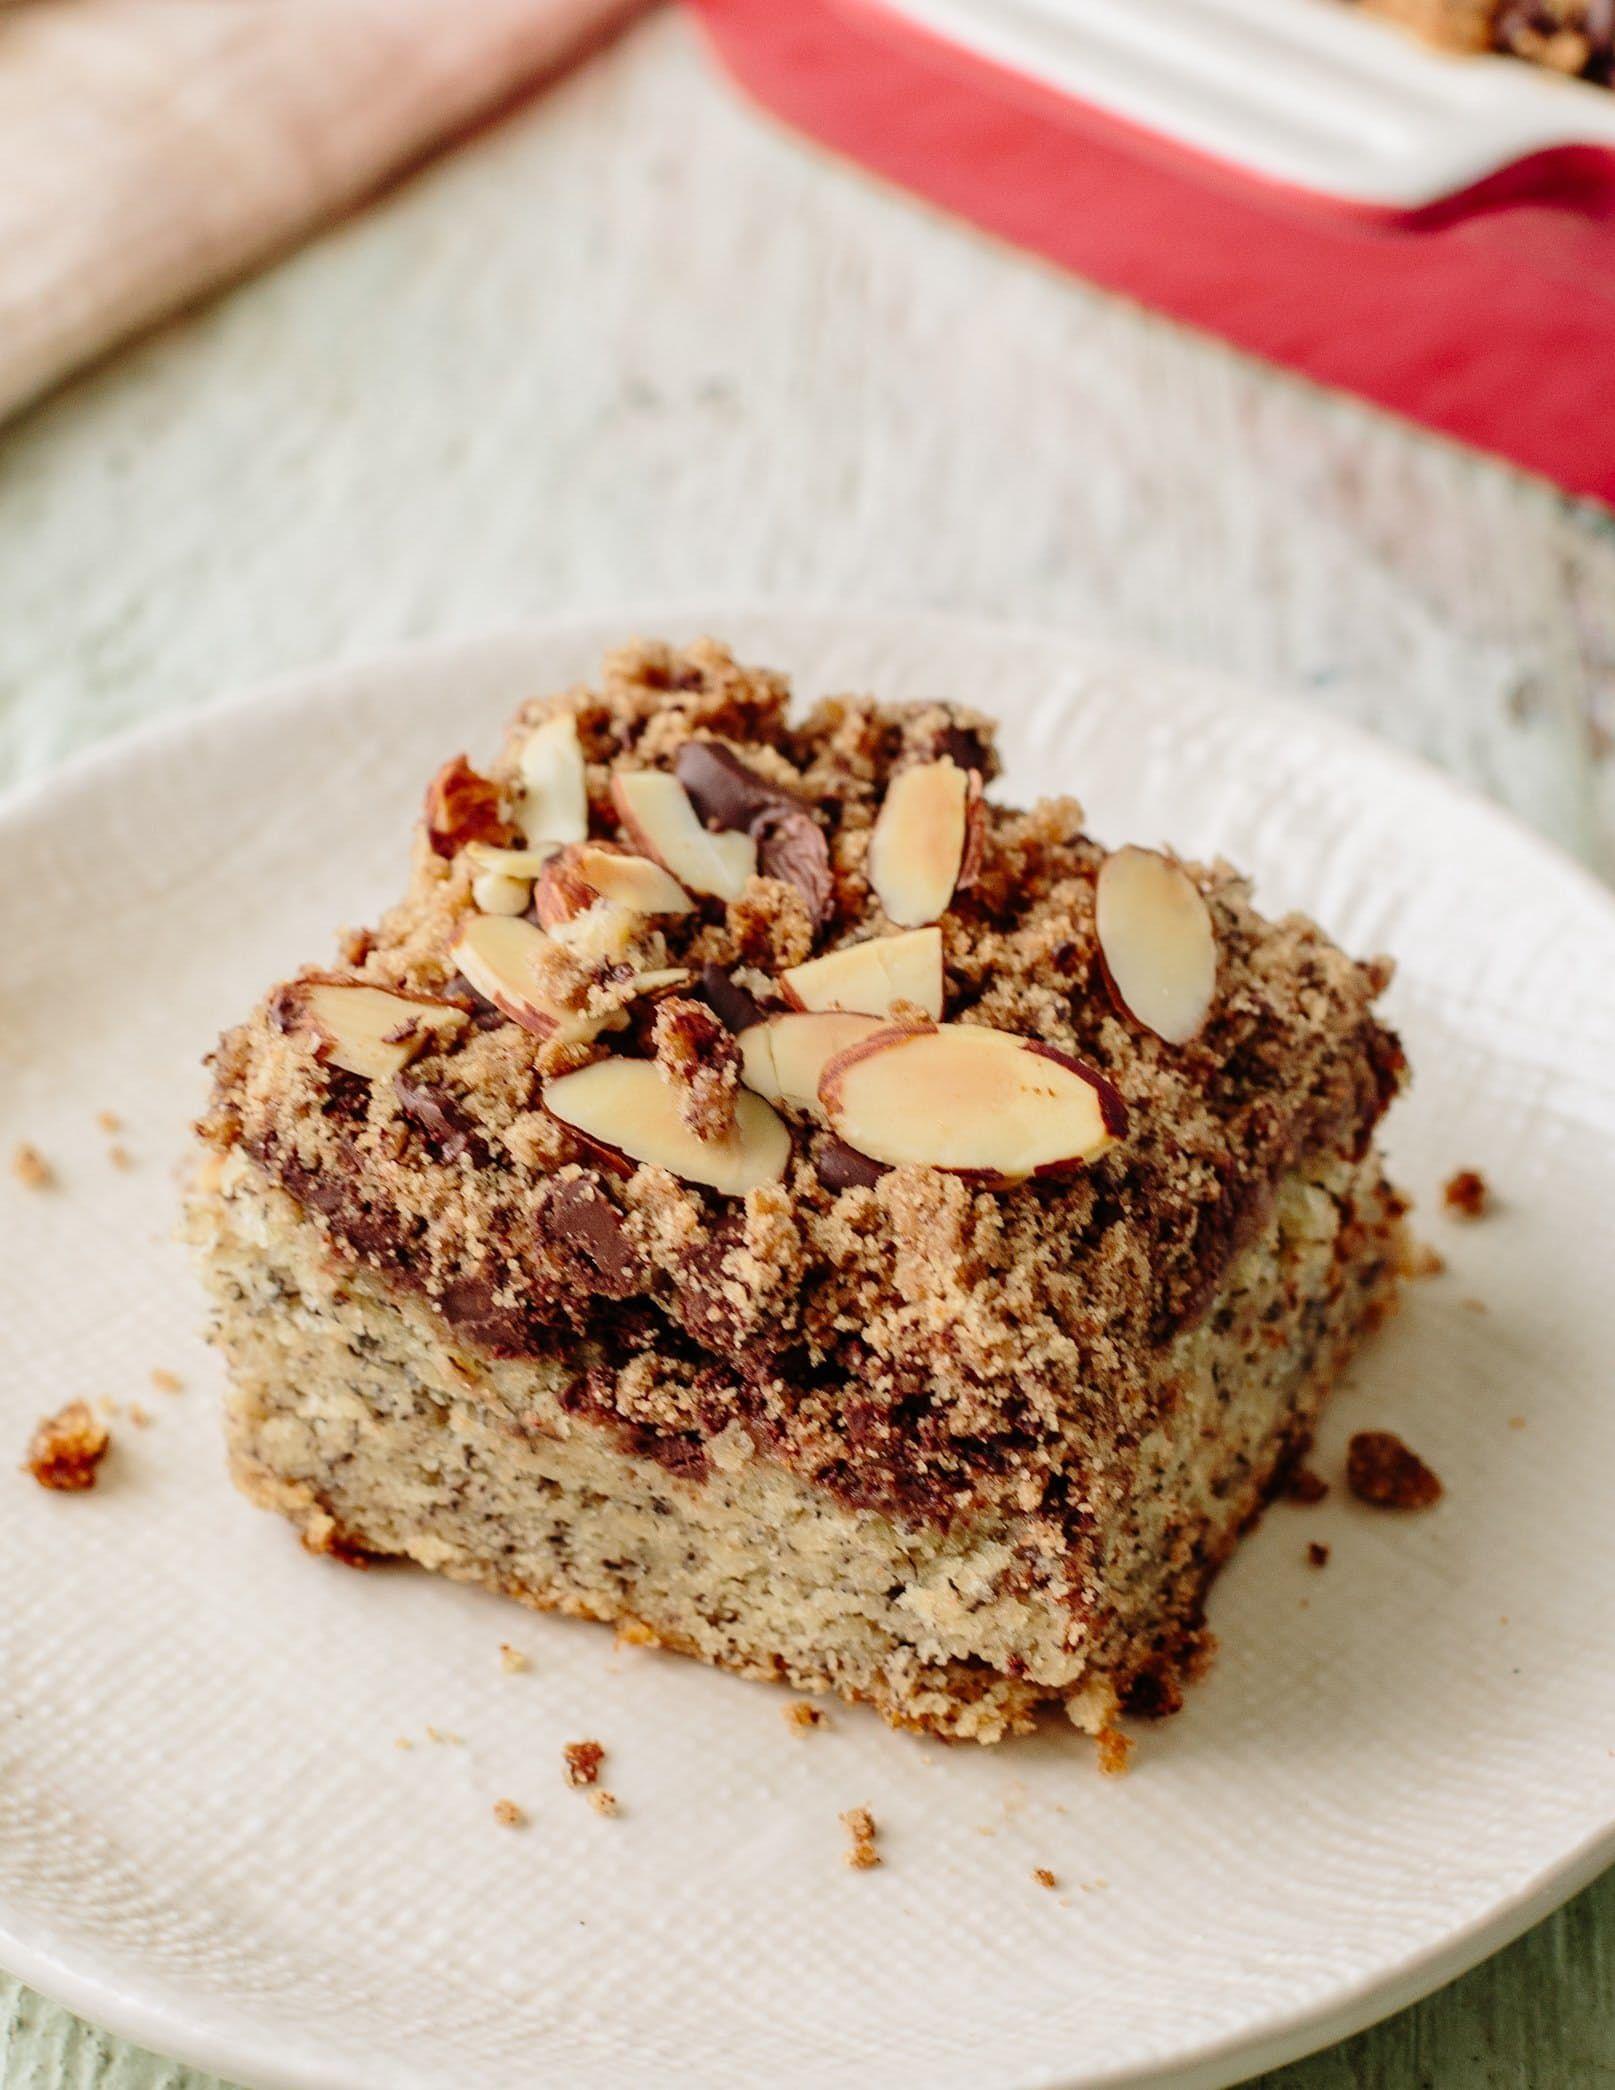 chocolate banana crumb cake recipe banana crumb cake dessert